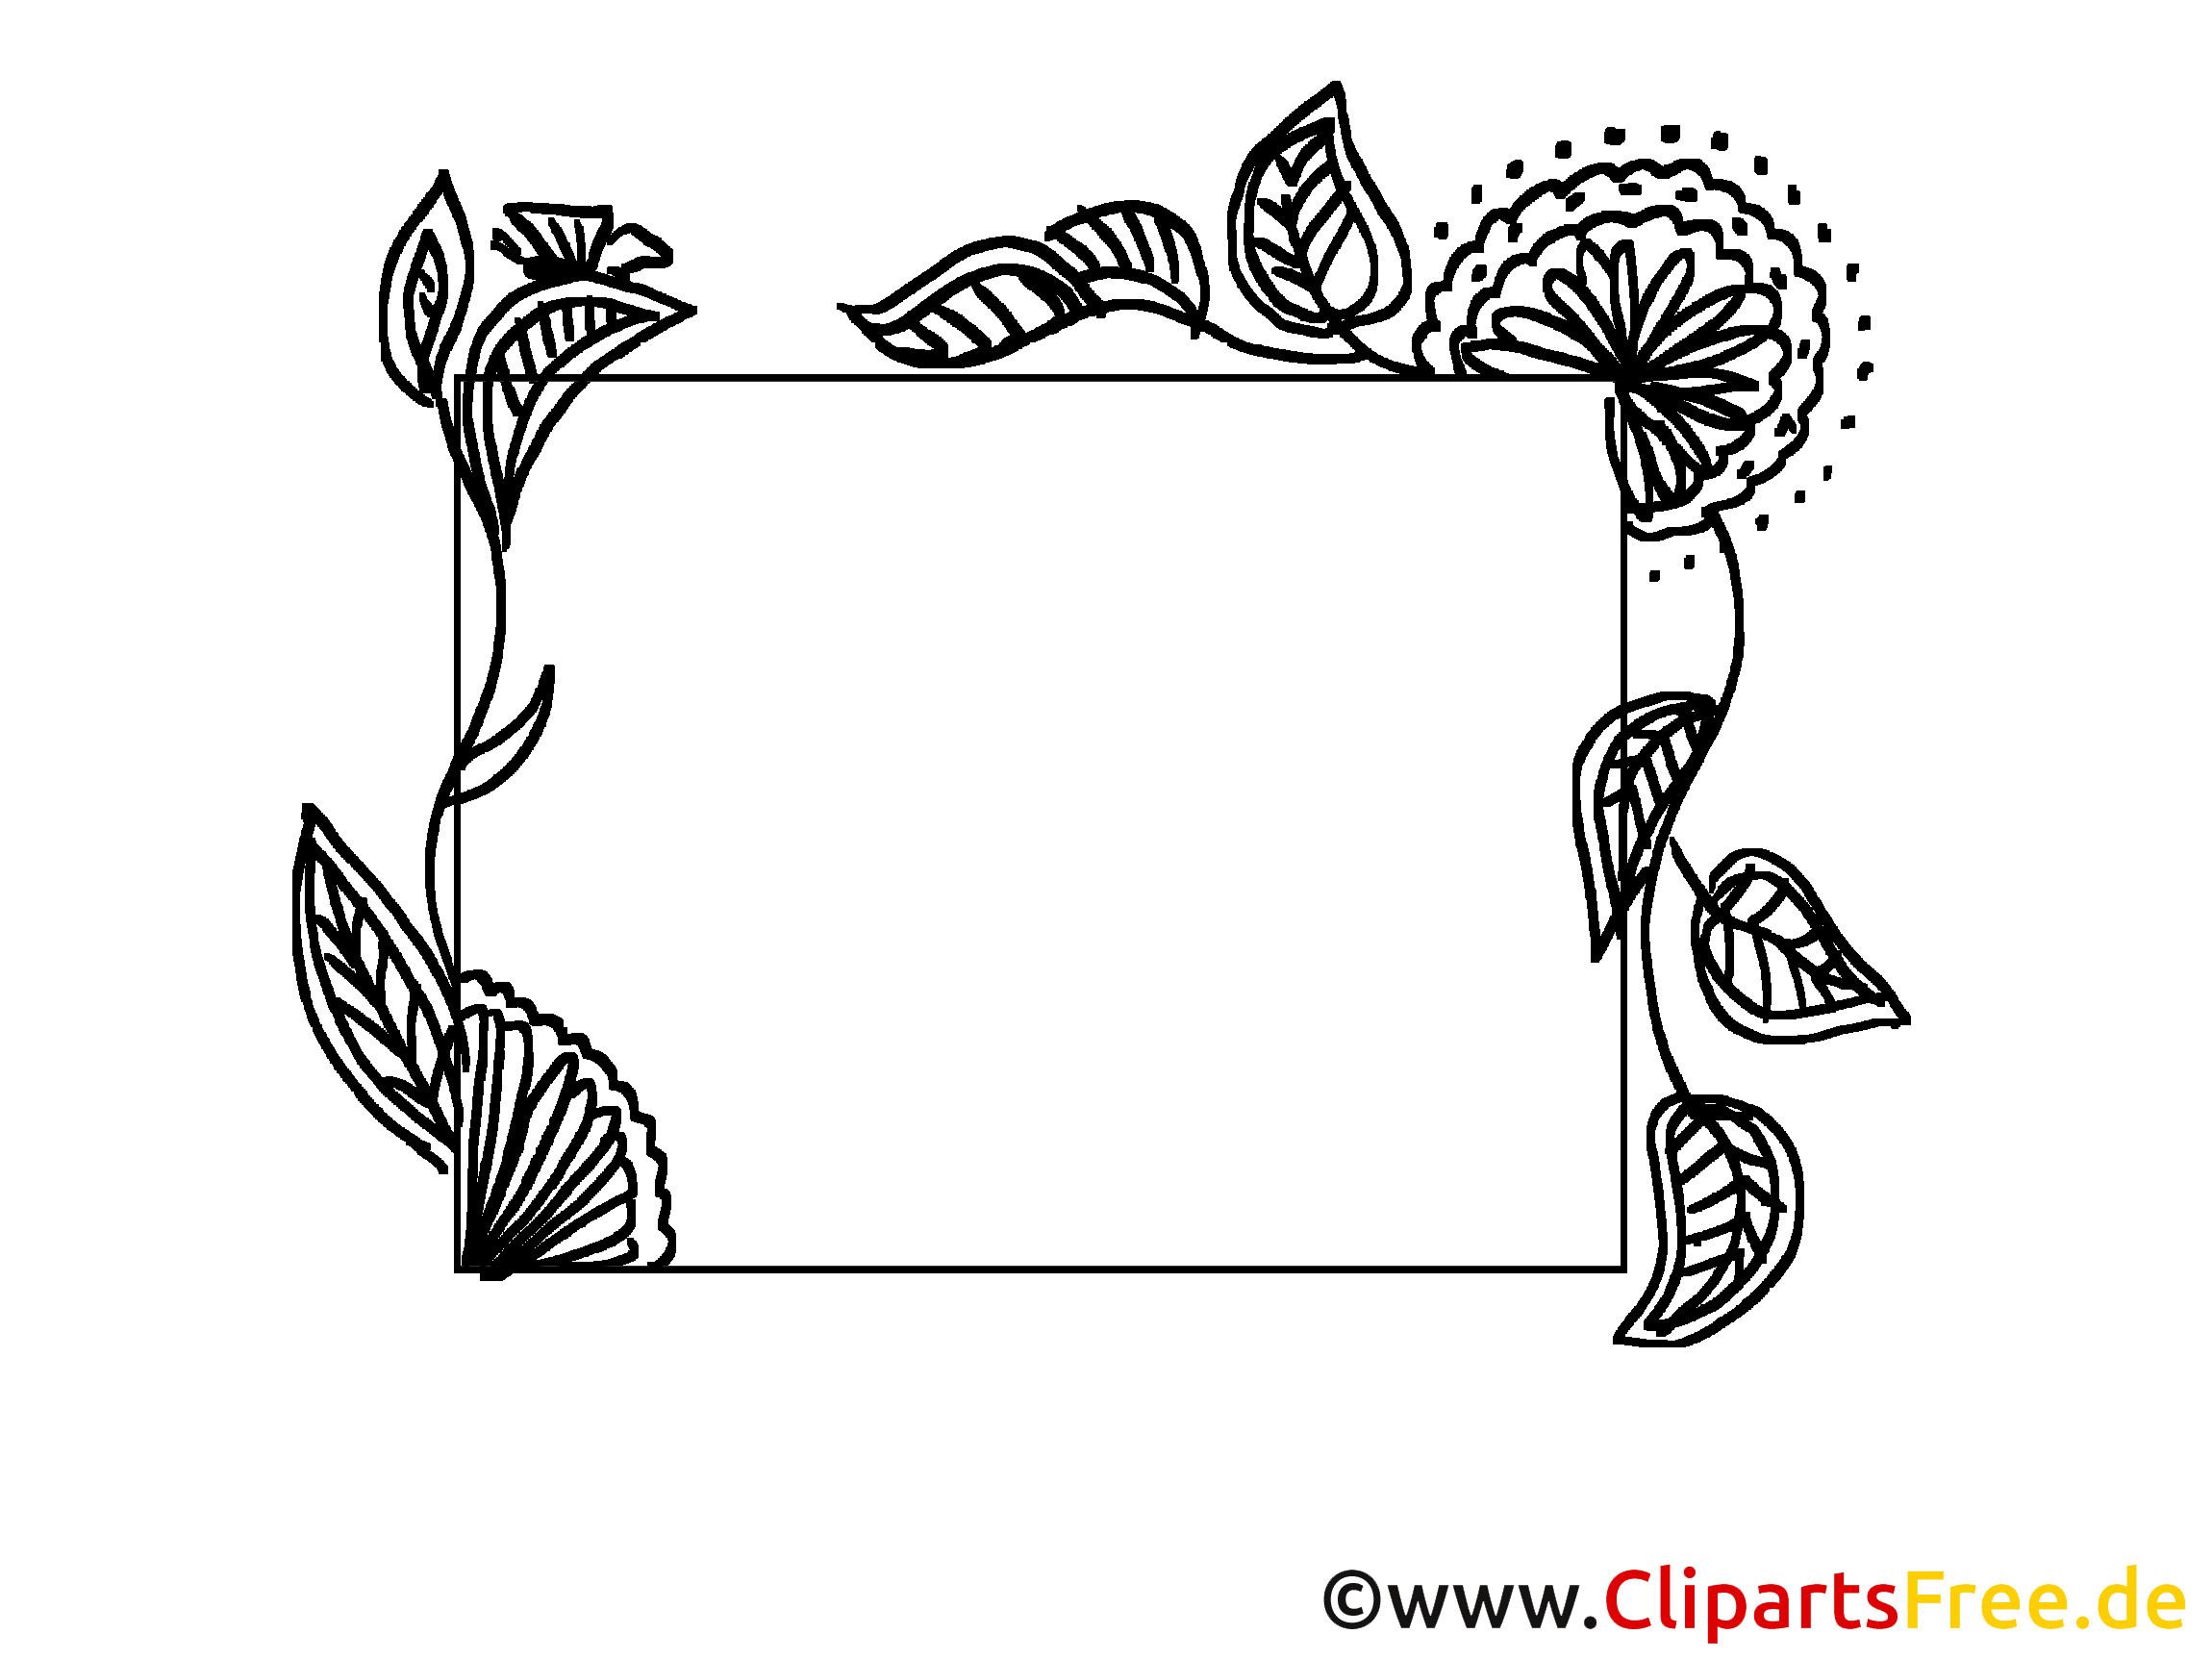 Clipart Hochzeit Schwarz Weiß  Rahmen hochzeit clipart schwarz weiß 8 Clipart Station